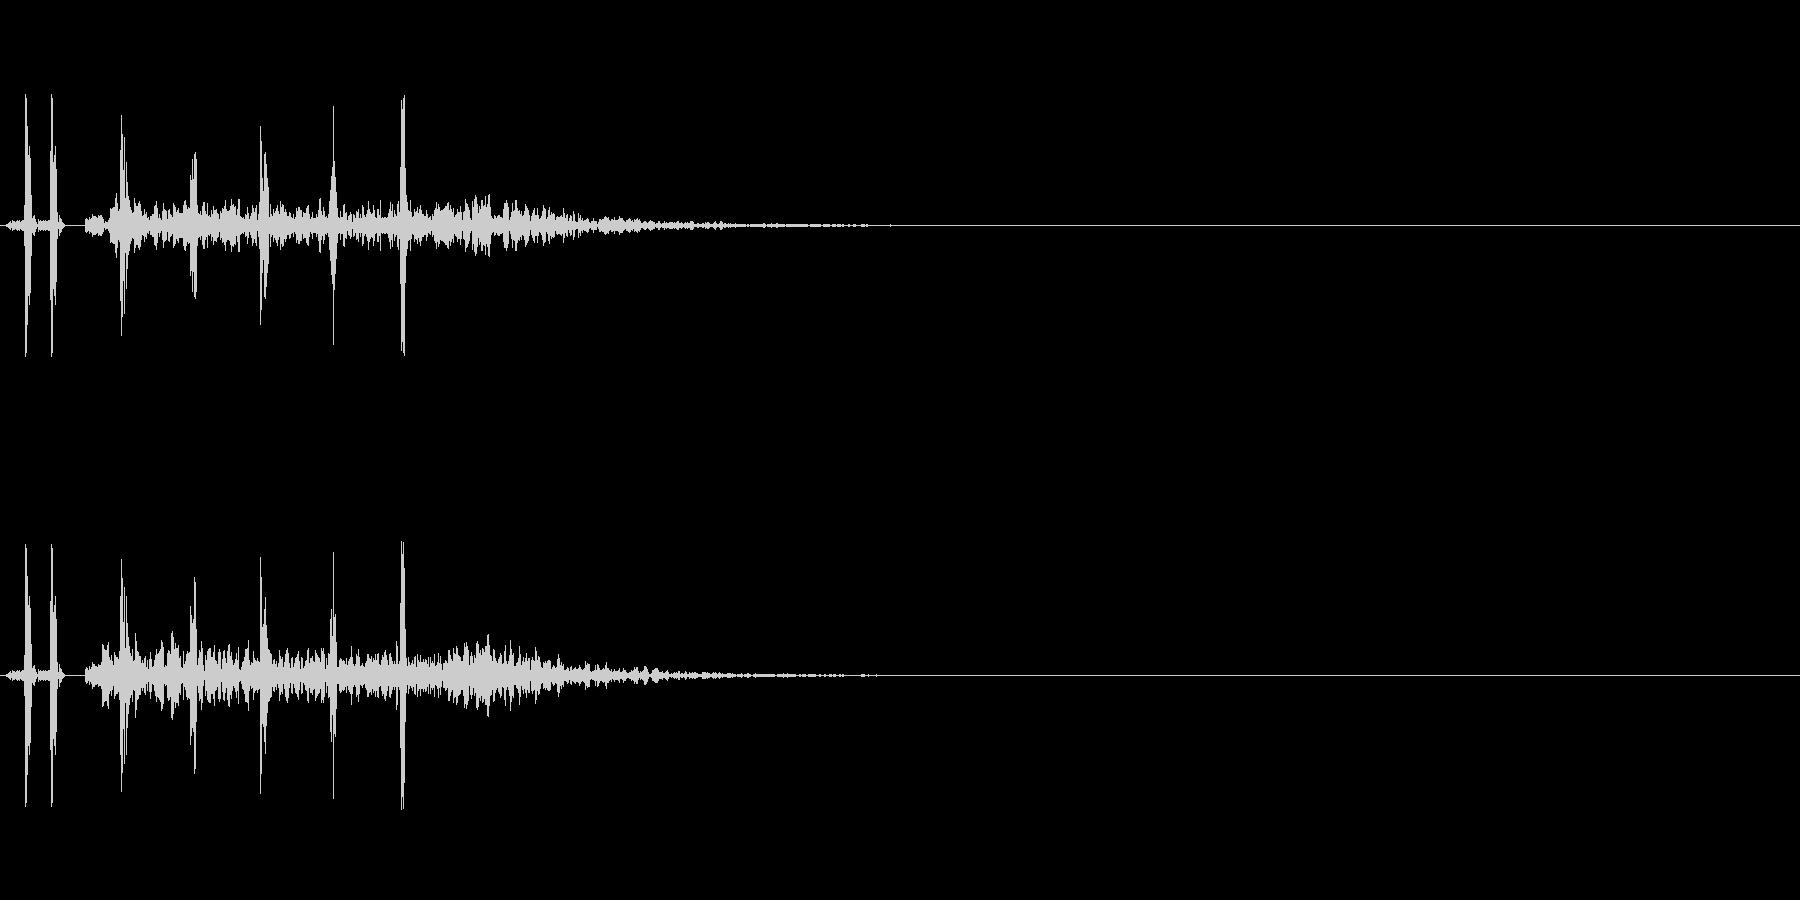 発砲音 3連射の未再生の波形